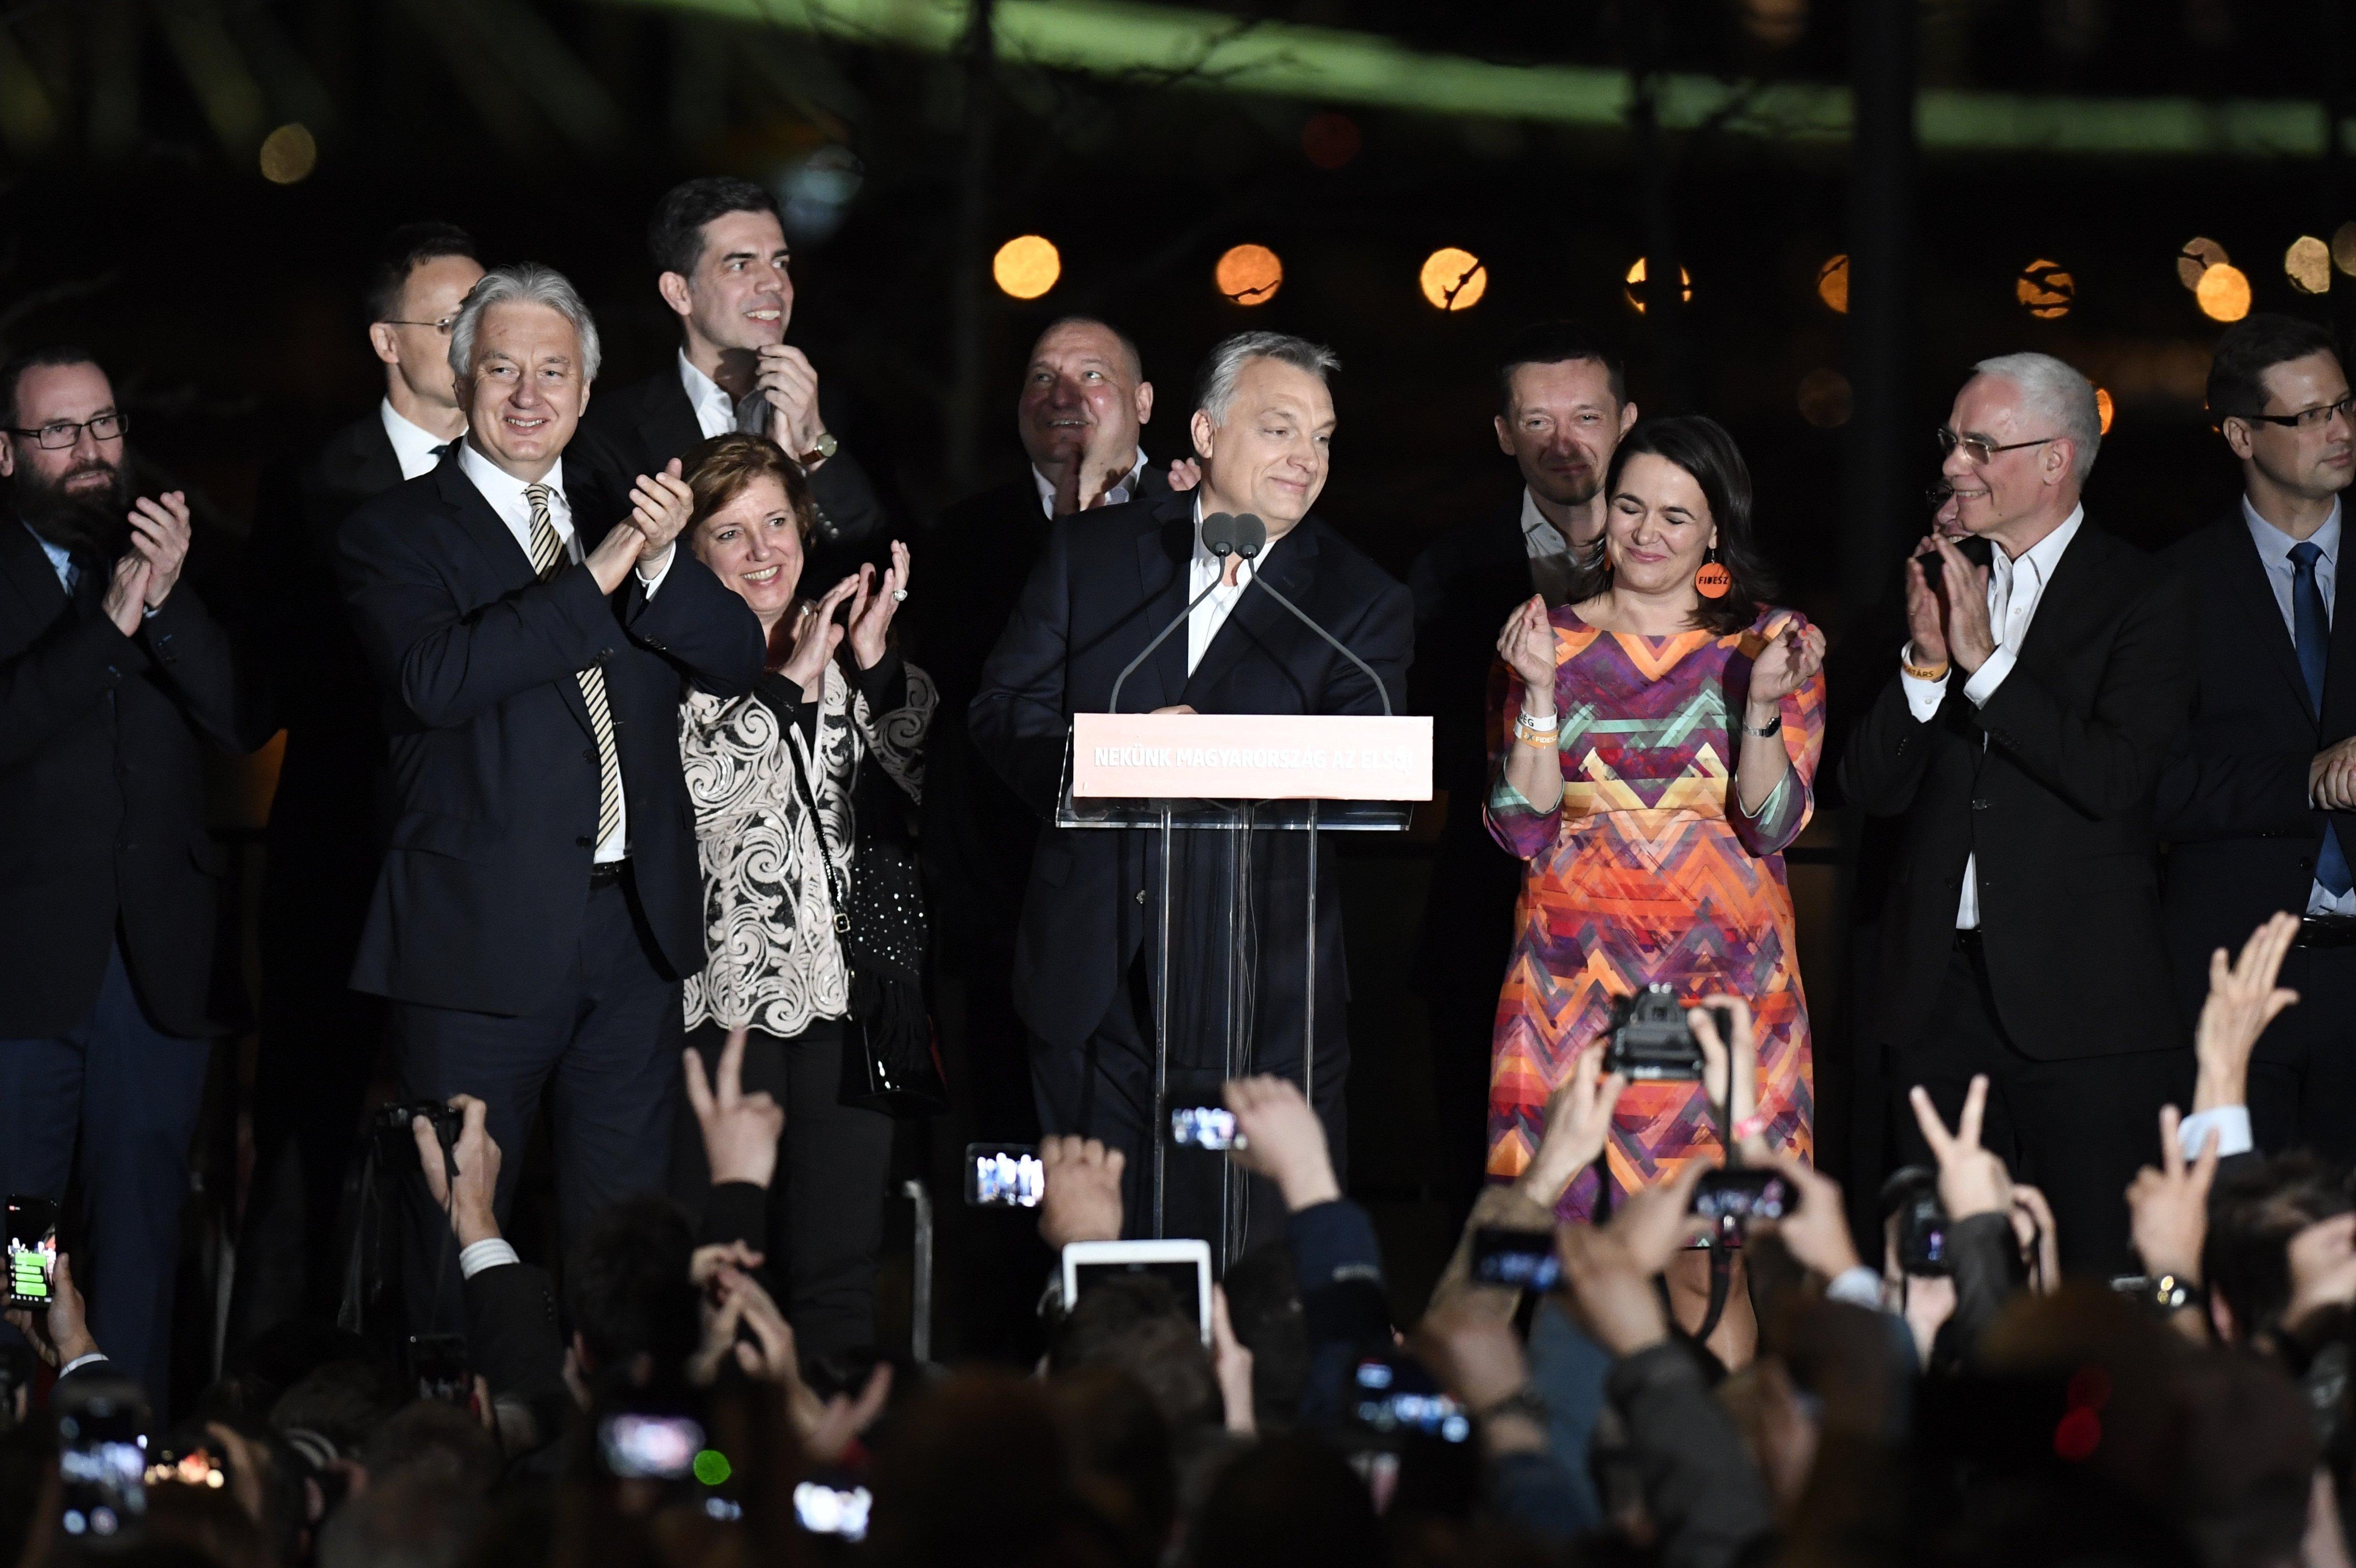 Semjén Zsolt felesége a Fidesz győzelmi pódiumának örök szereplője